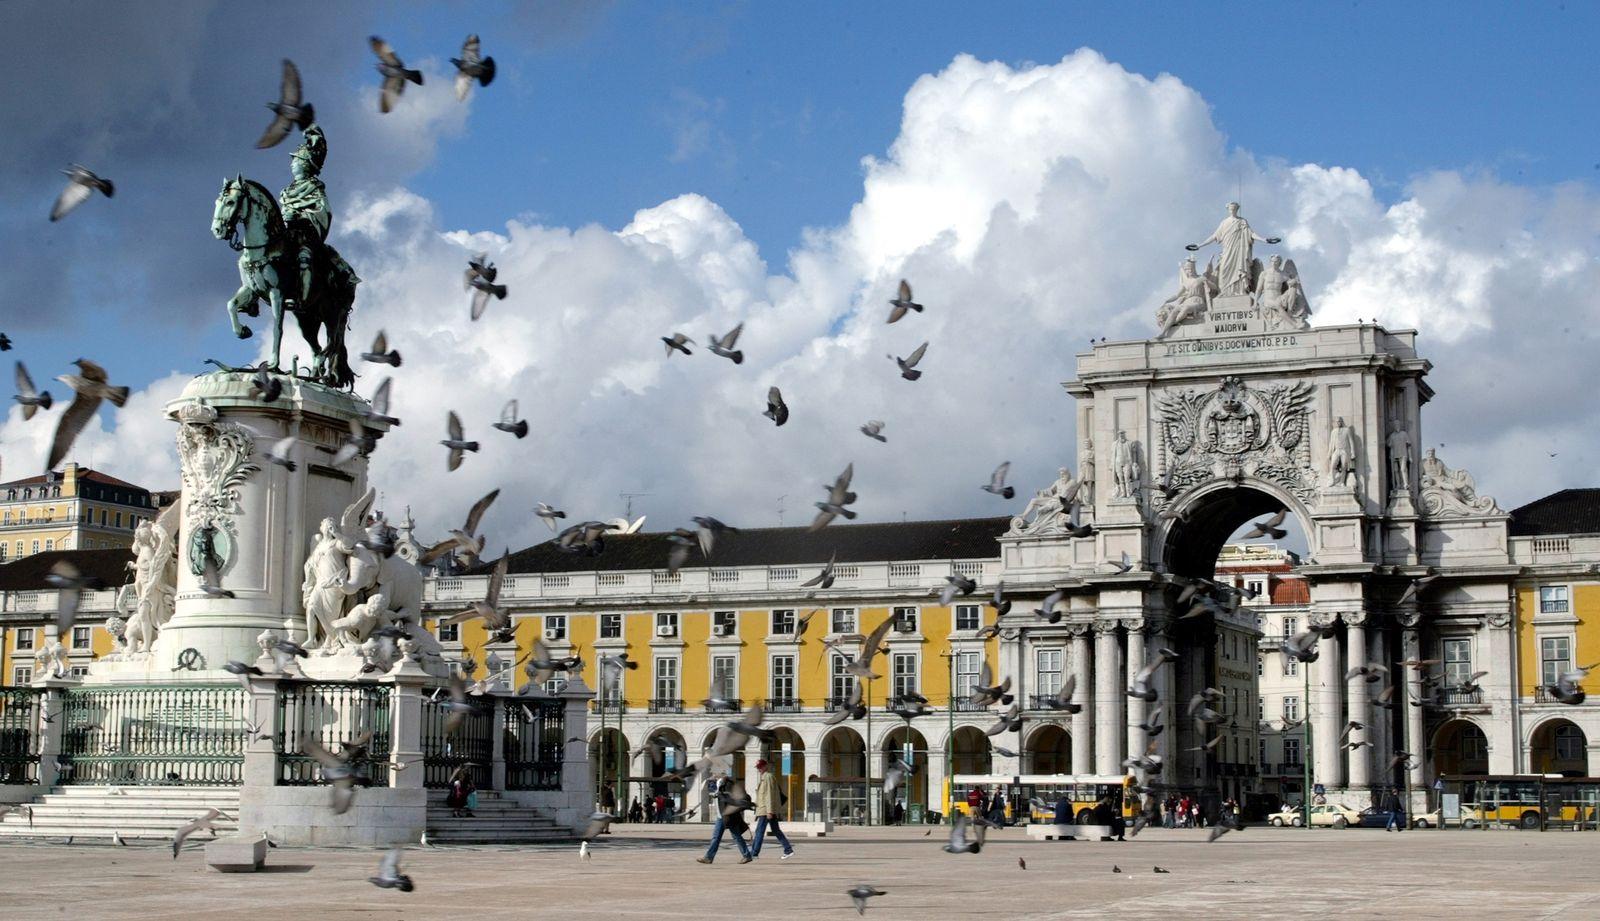 Portigal / Lissabon / Terreiro do Paco / Skyline